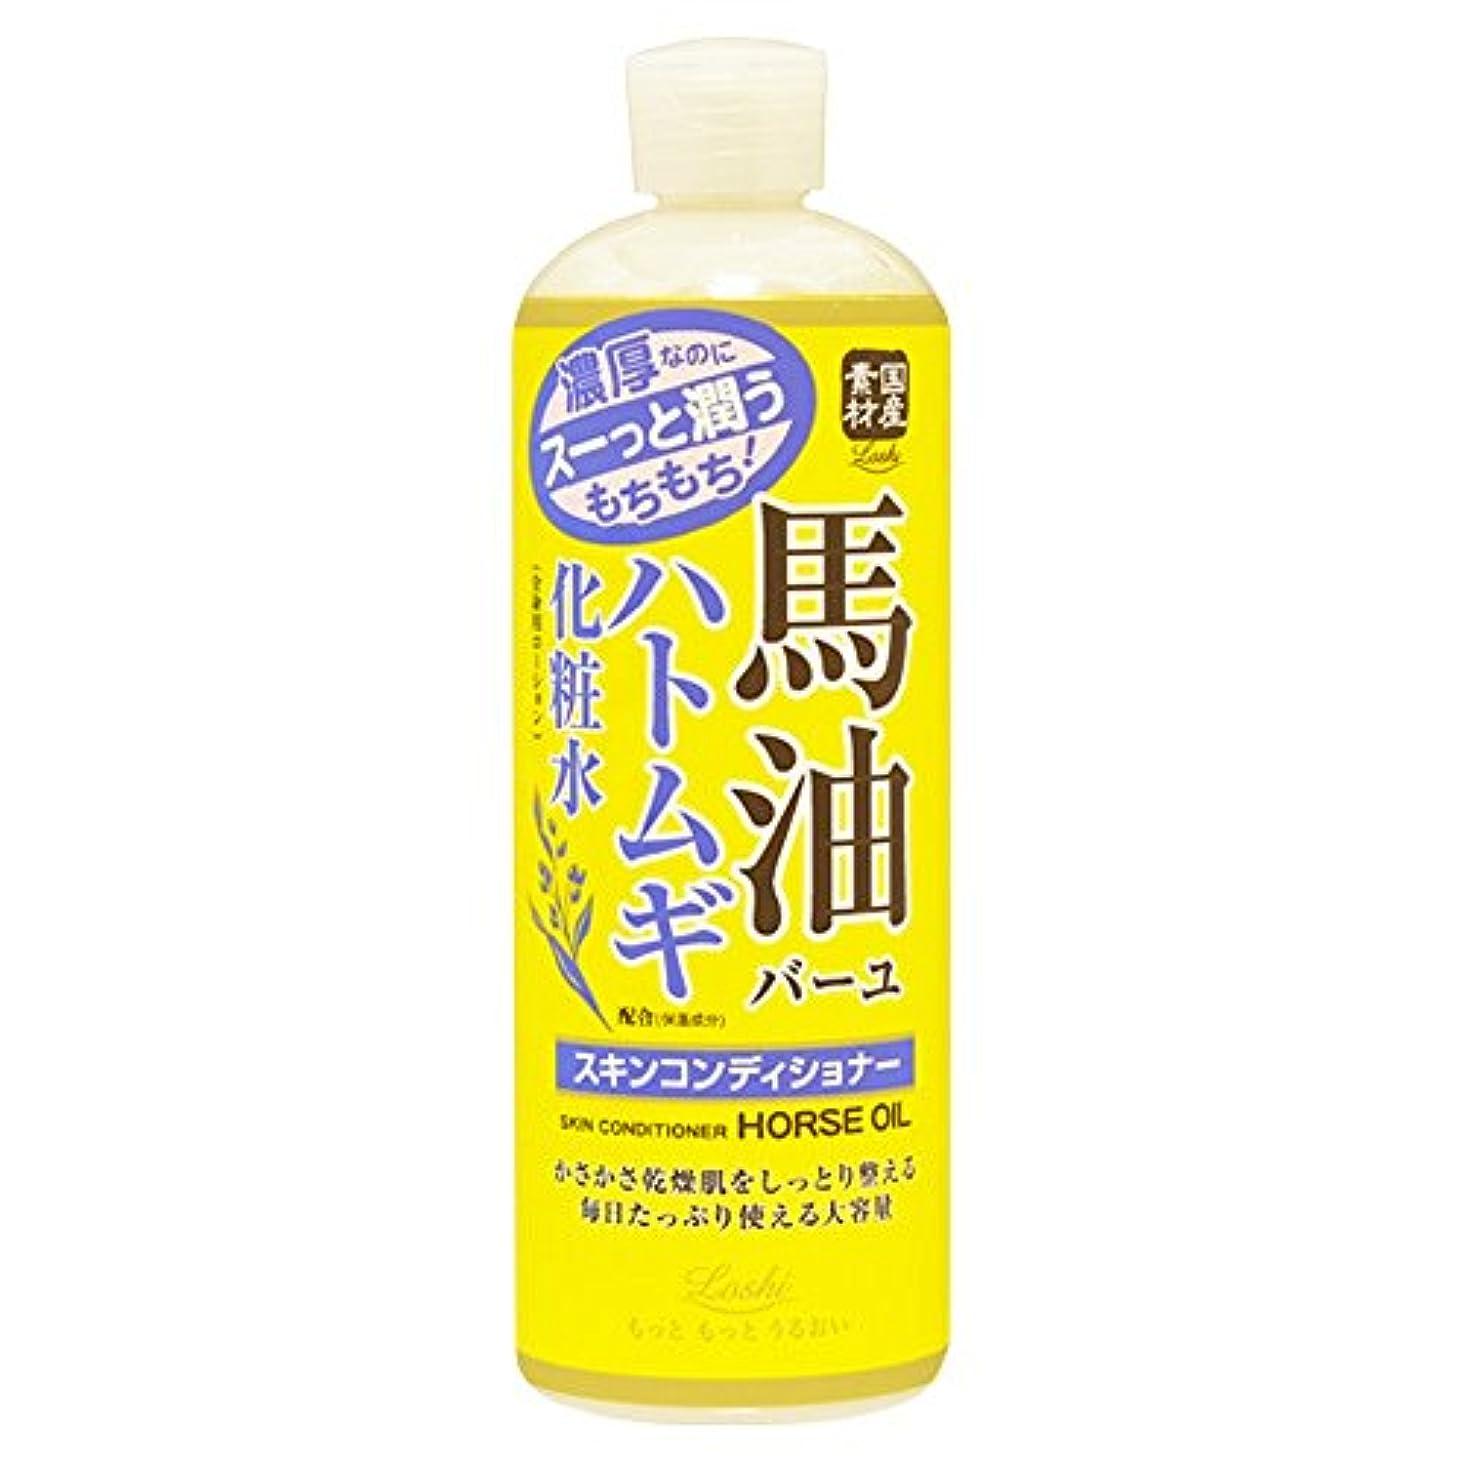 精神モディッシュランプロッシモイストエイド スキンコンディショナー 馬油&ハトムギ 500ml (化粧水 ローション 高保湿)